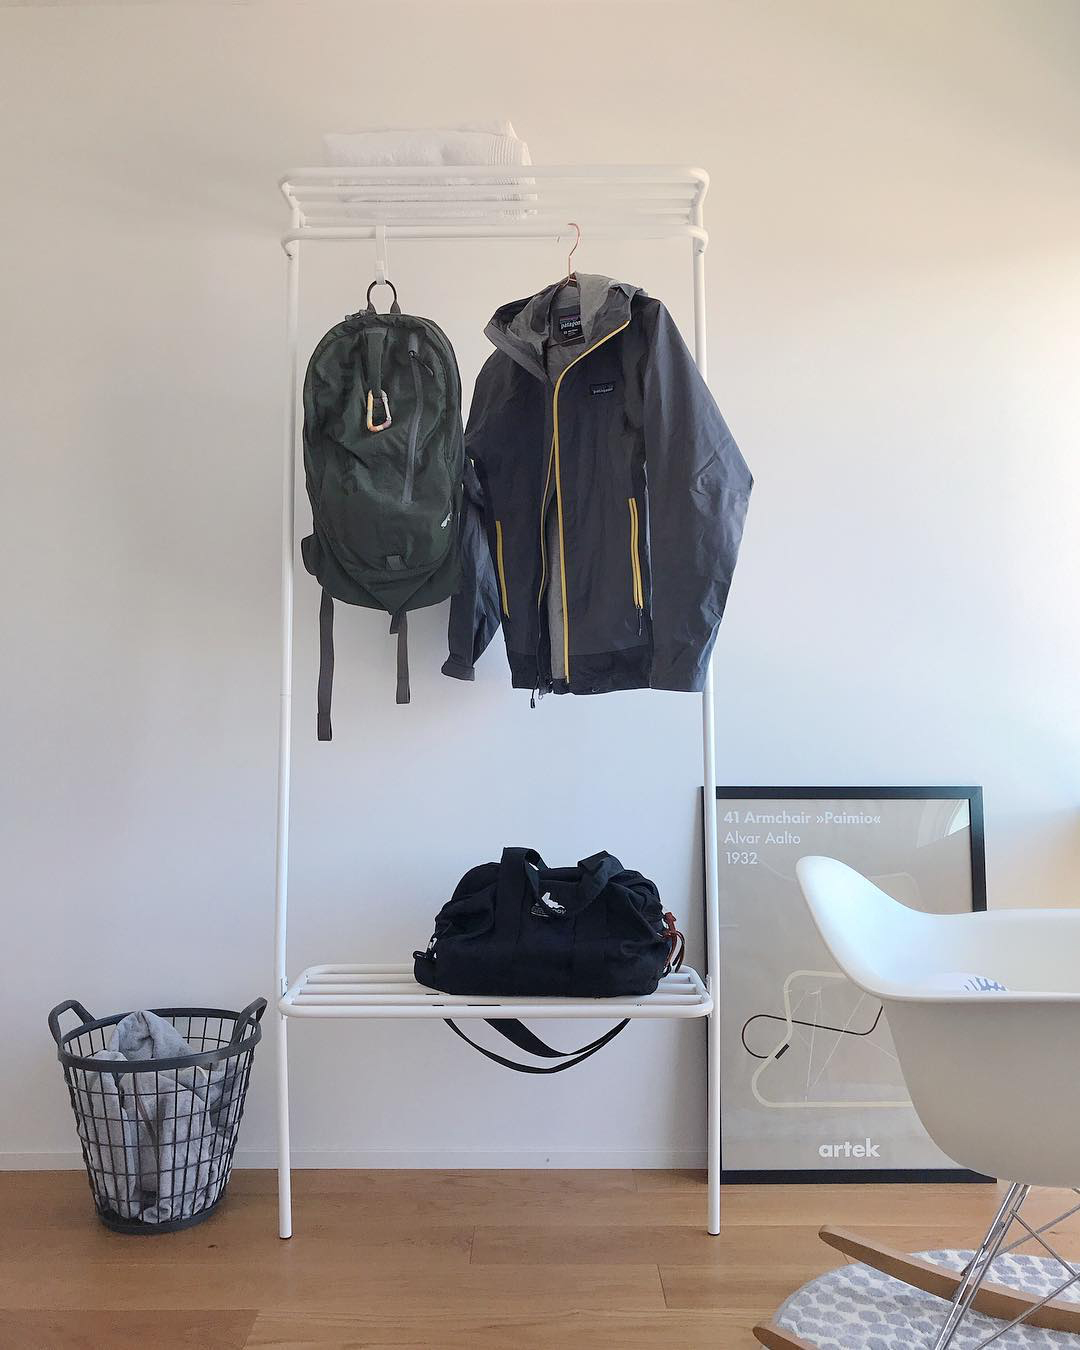 部屋がスッキリ片付いて、朝がスムーズに変わる。奥行たった40cmに、コートもバッグも手袋も収納(ちょい置き)できる「立て掛け式ラック」|DUENDE WALL HANGER